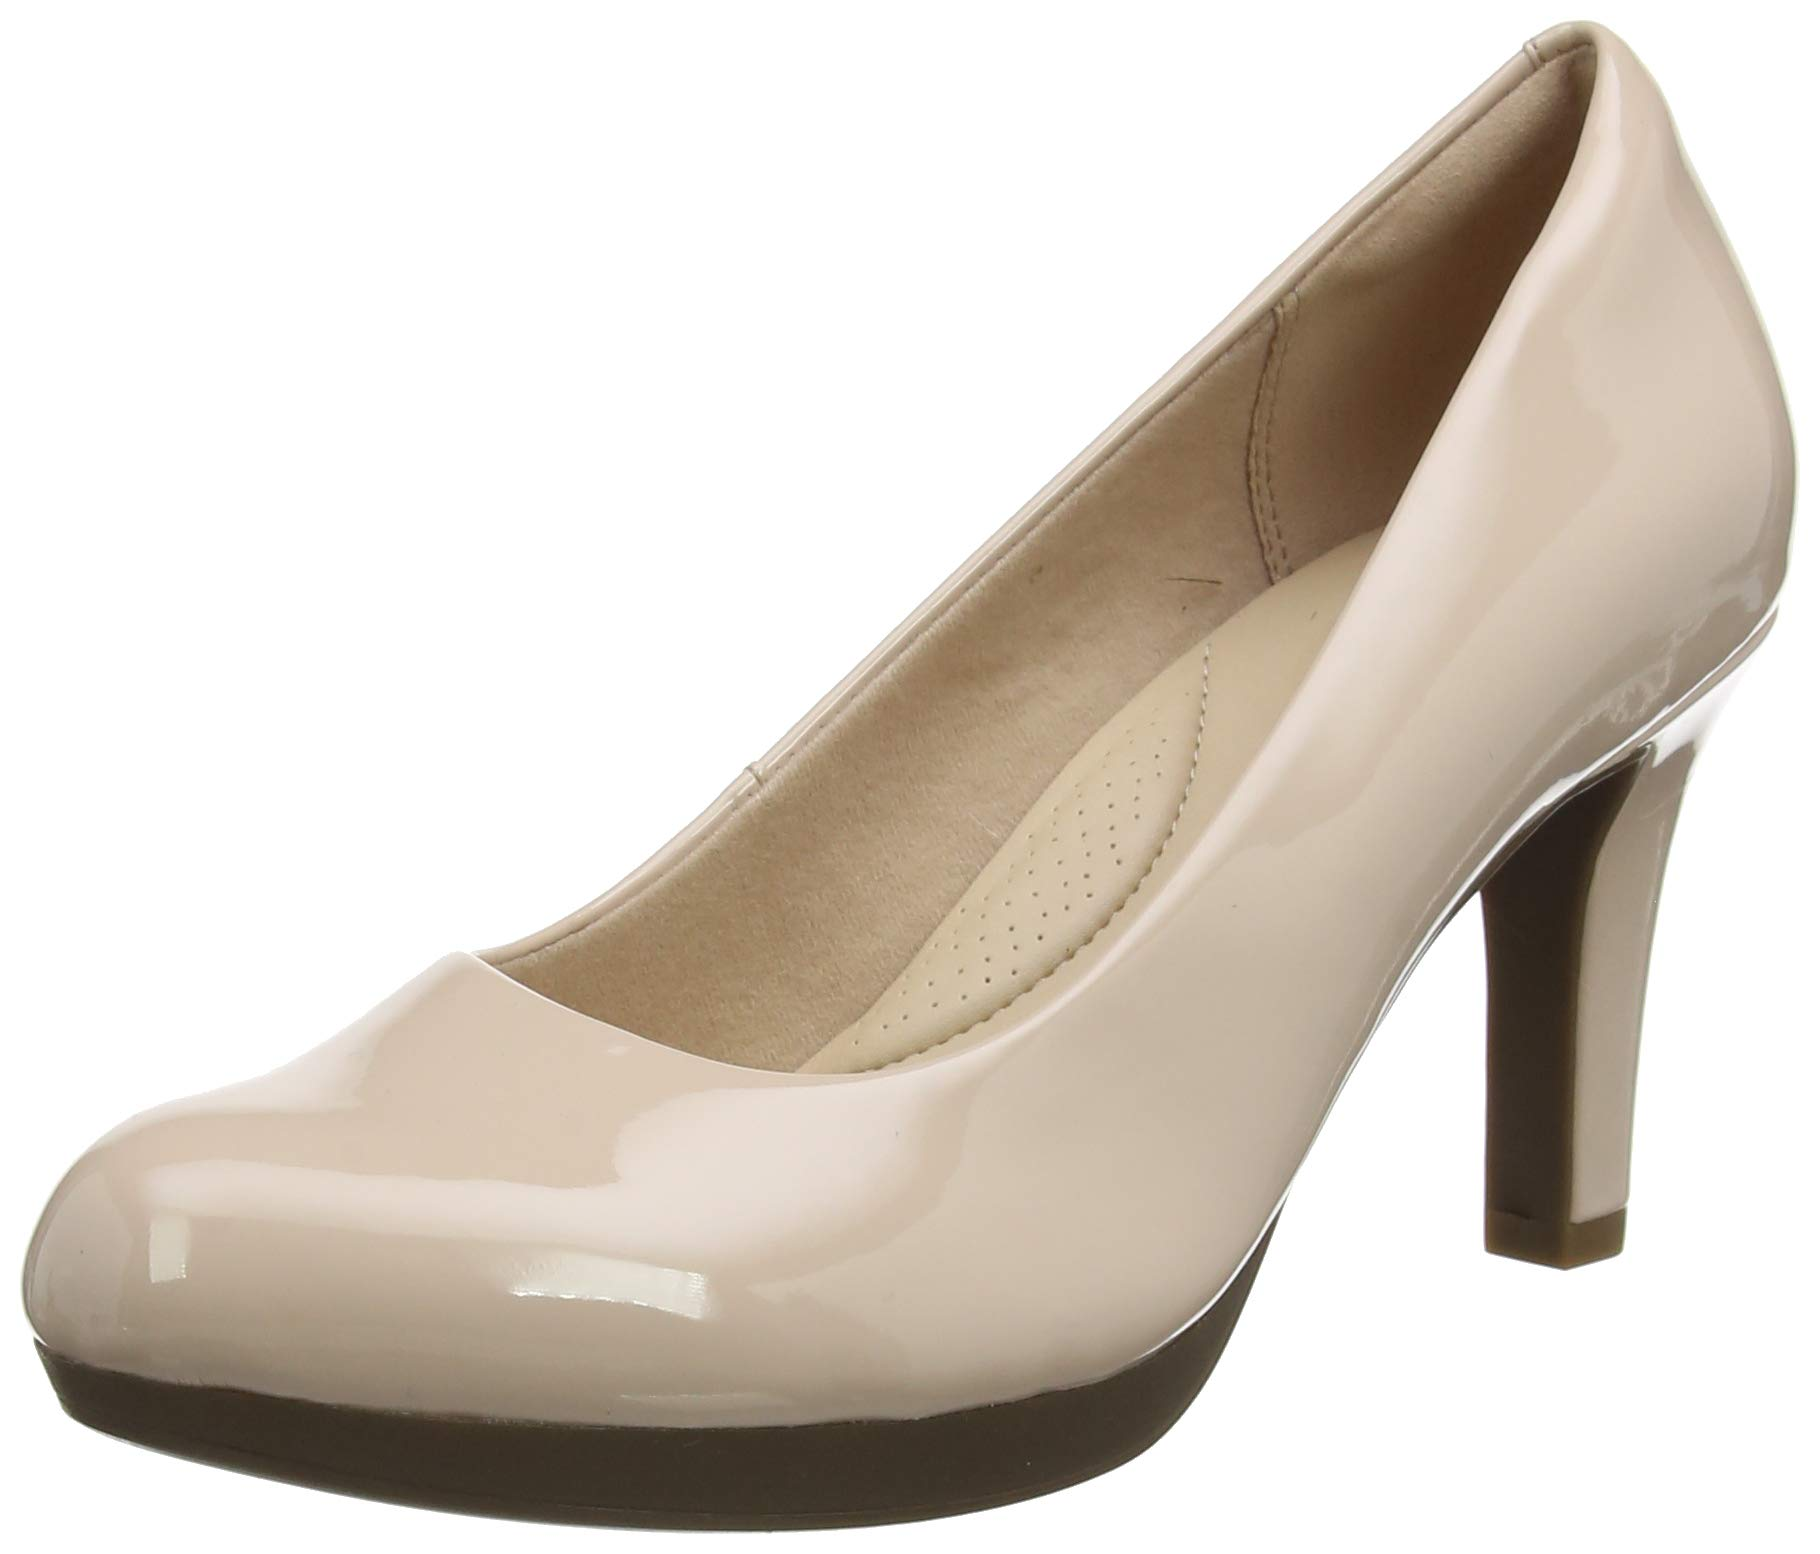 5938a23ff Mejor valorados en Zapatos de tacón   Opiniones útiles de nuestros ...